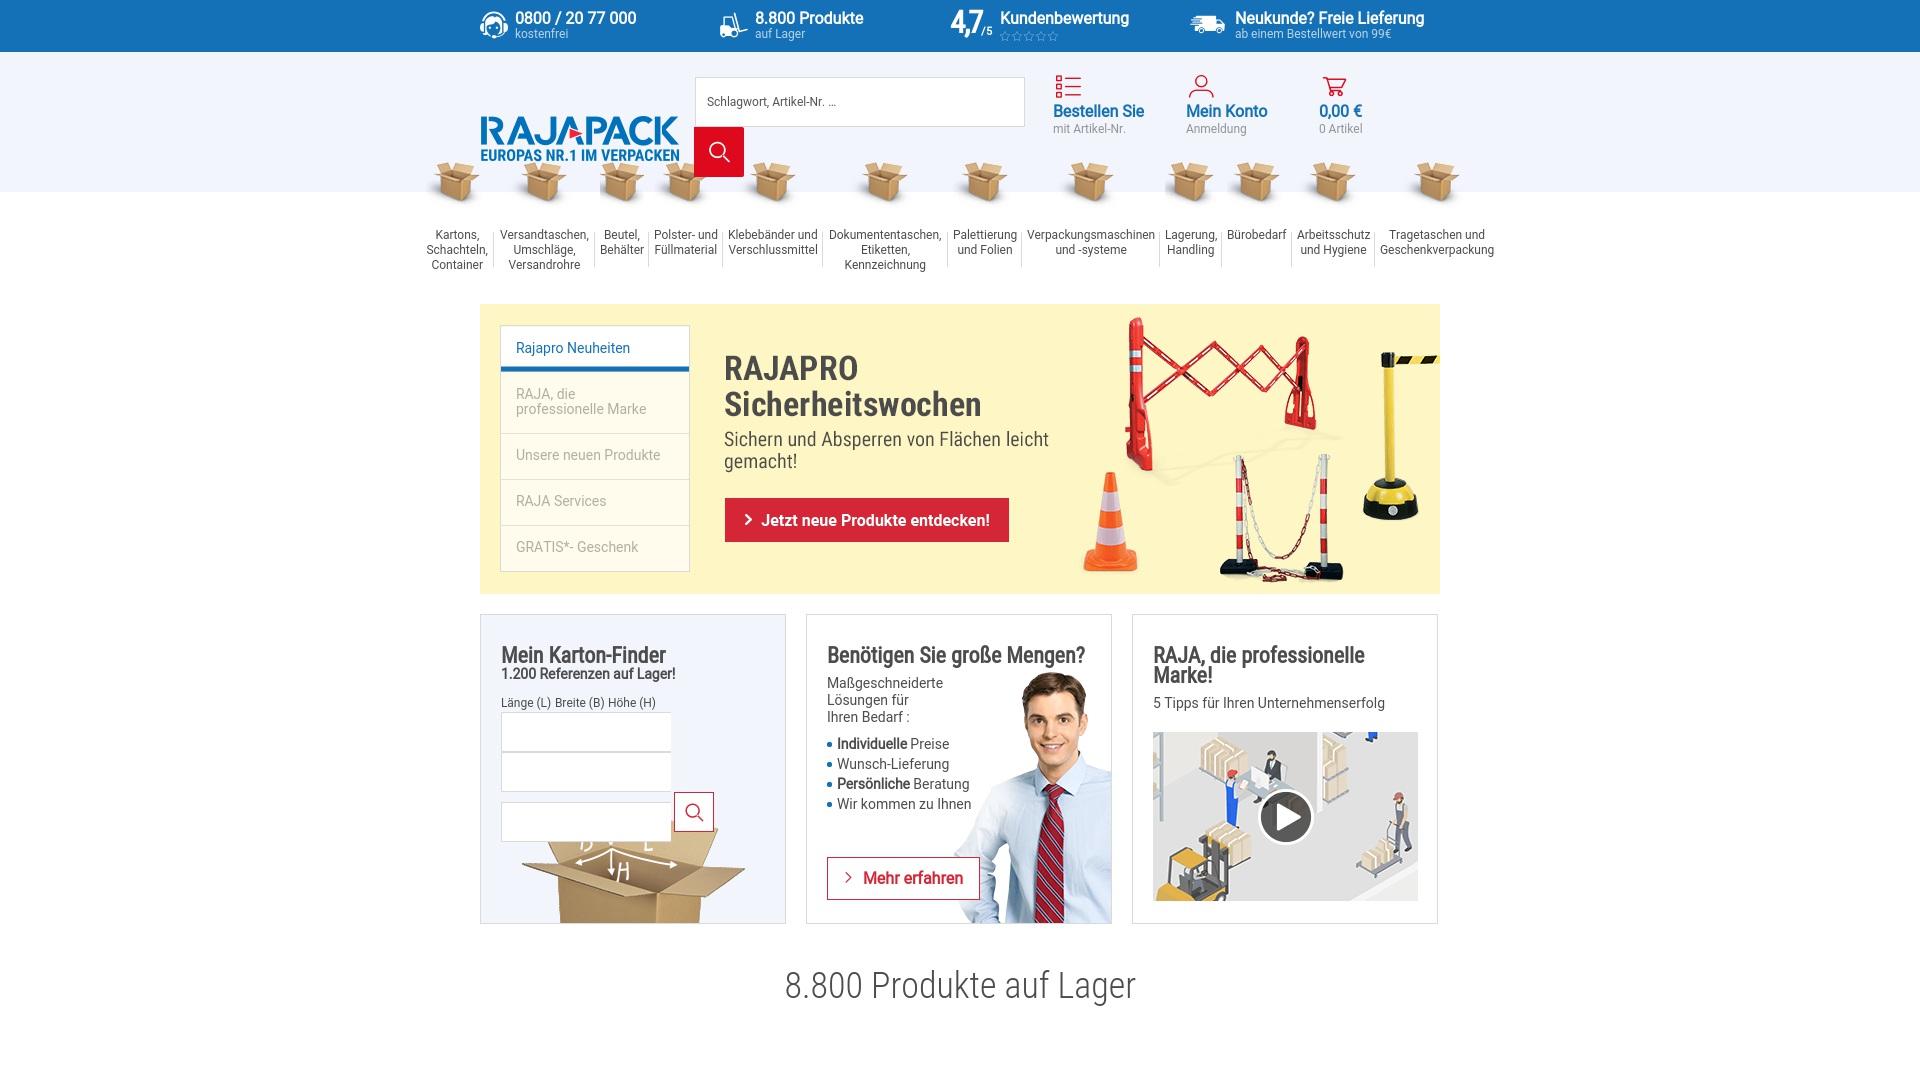 Gutschein für Rajapack: Rabatte für  Rajapack sichern